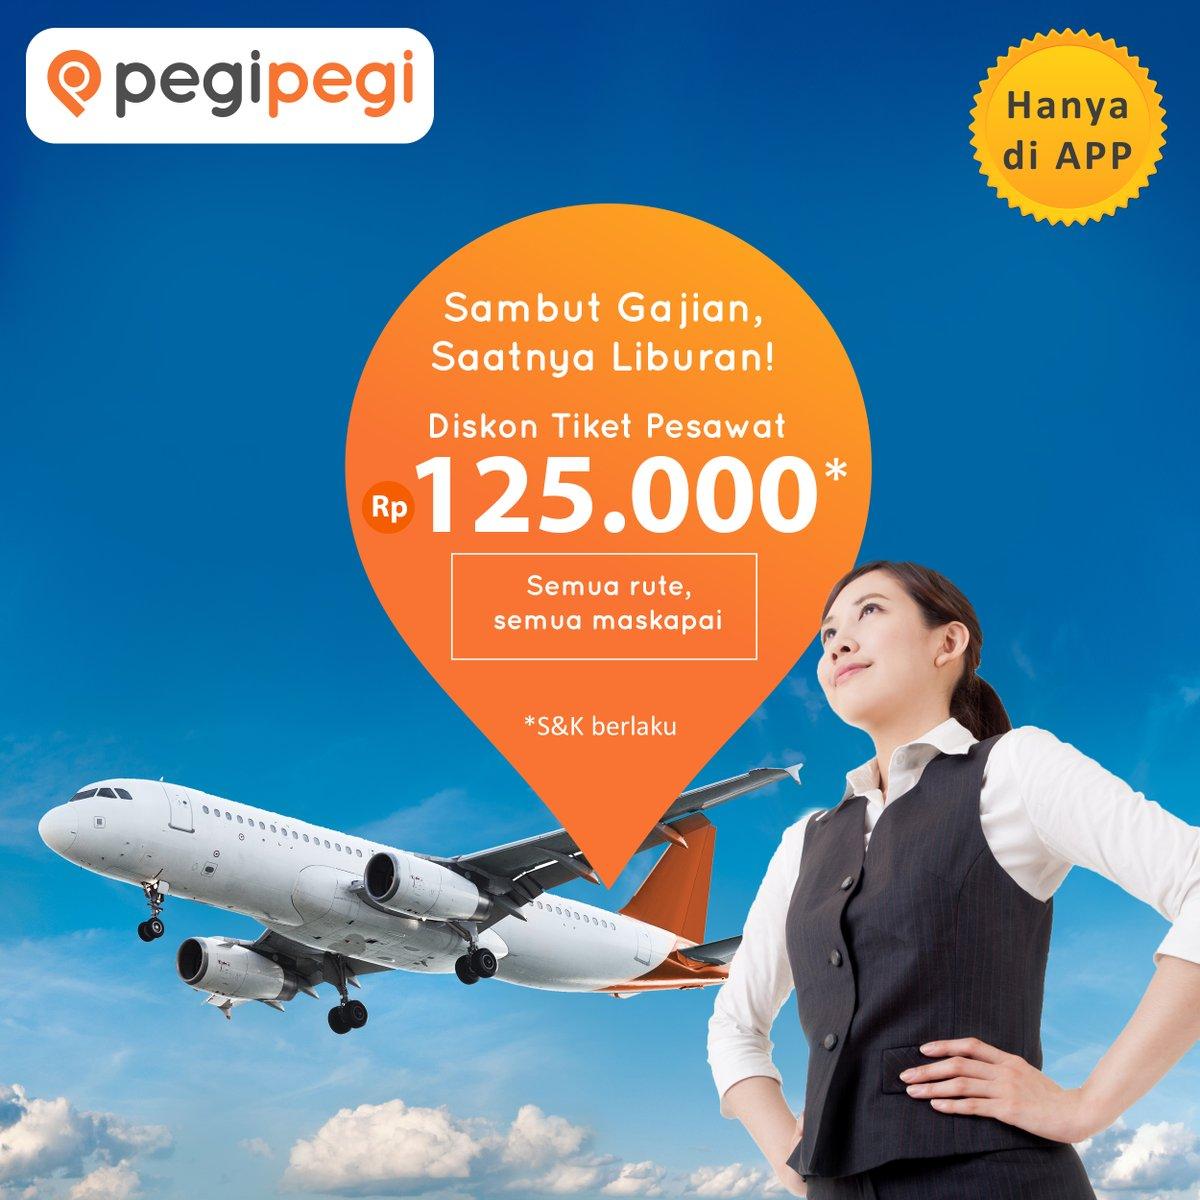 PegiPegi - Promo Diskon Tiket Pesawat s.d 125 Ribu (s.d 5 Sept 2018)